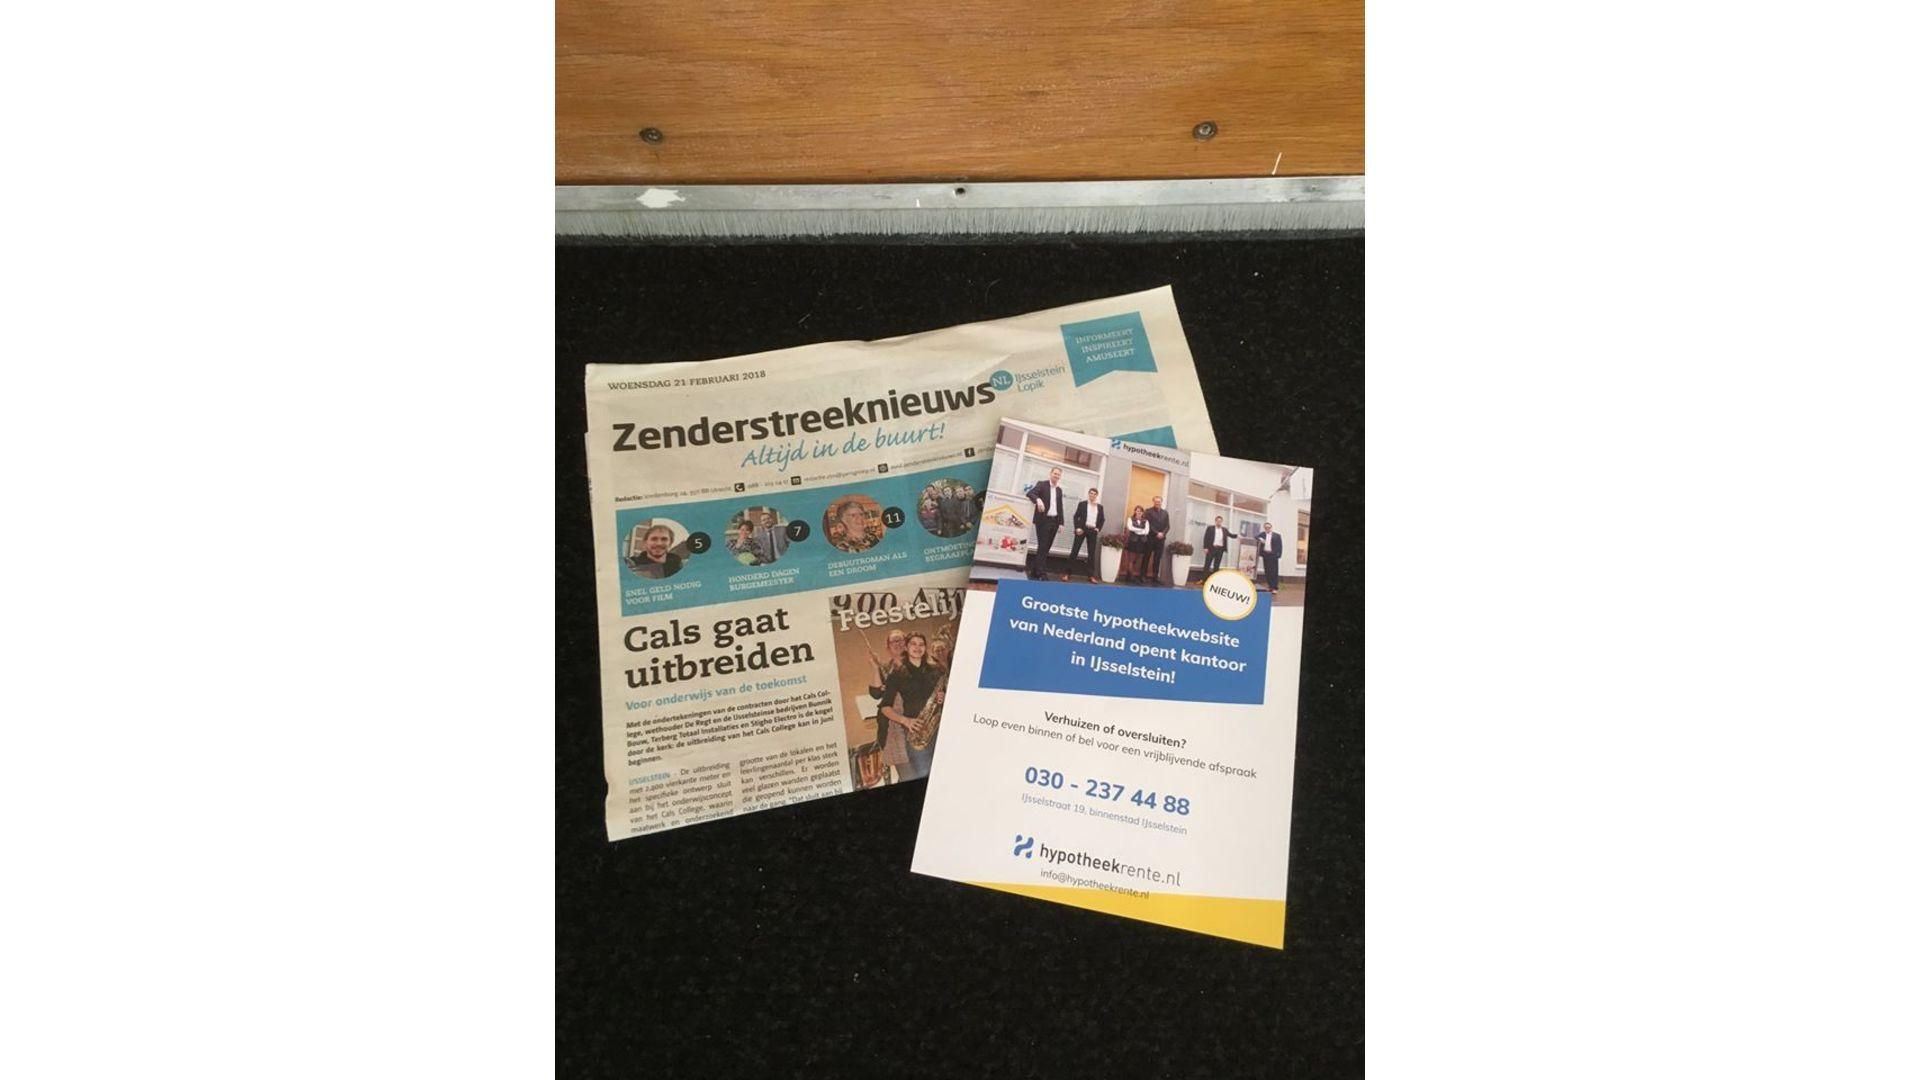 Hypotheekrente.nl IJsselstein